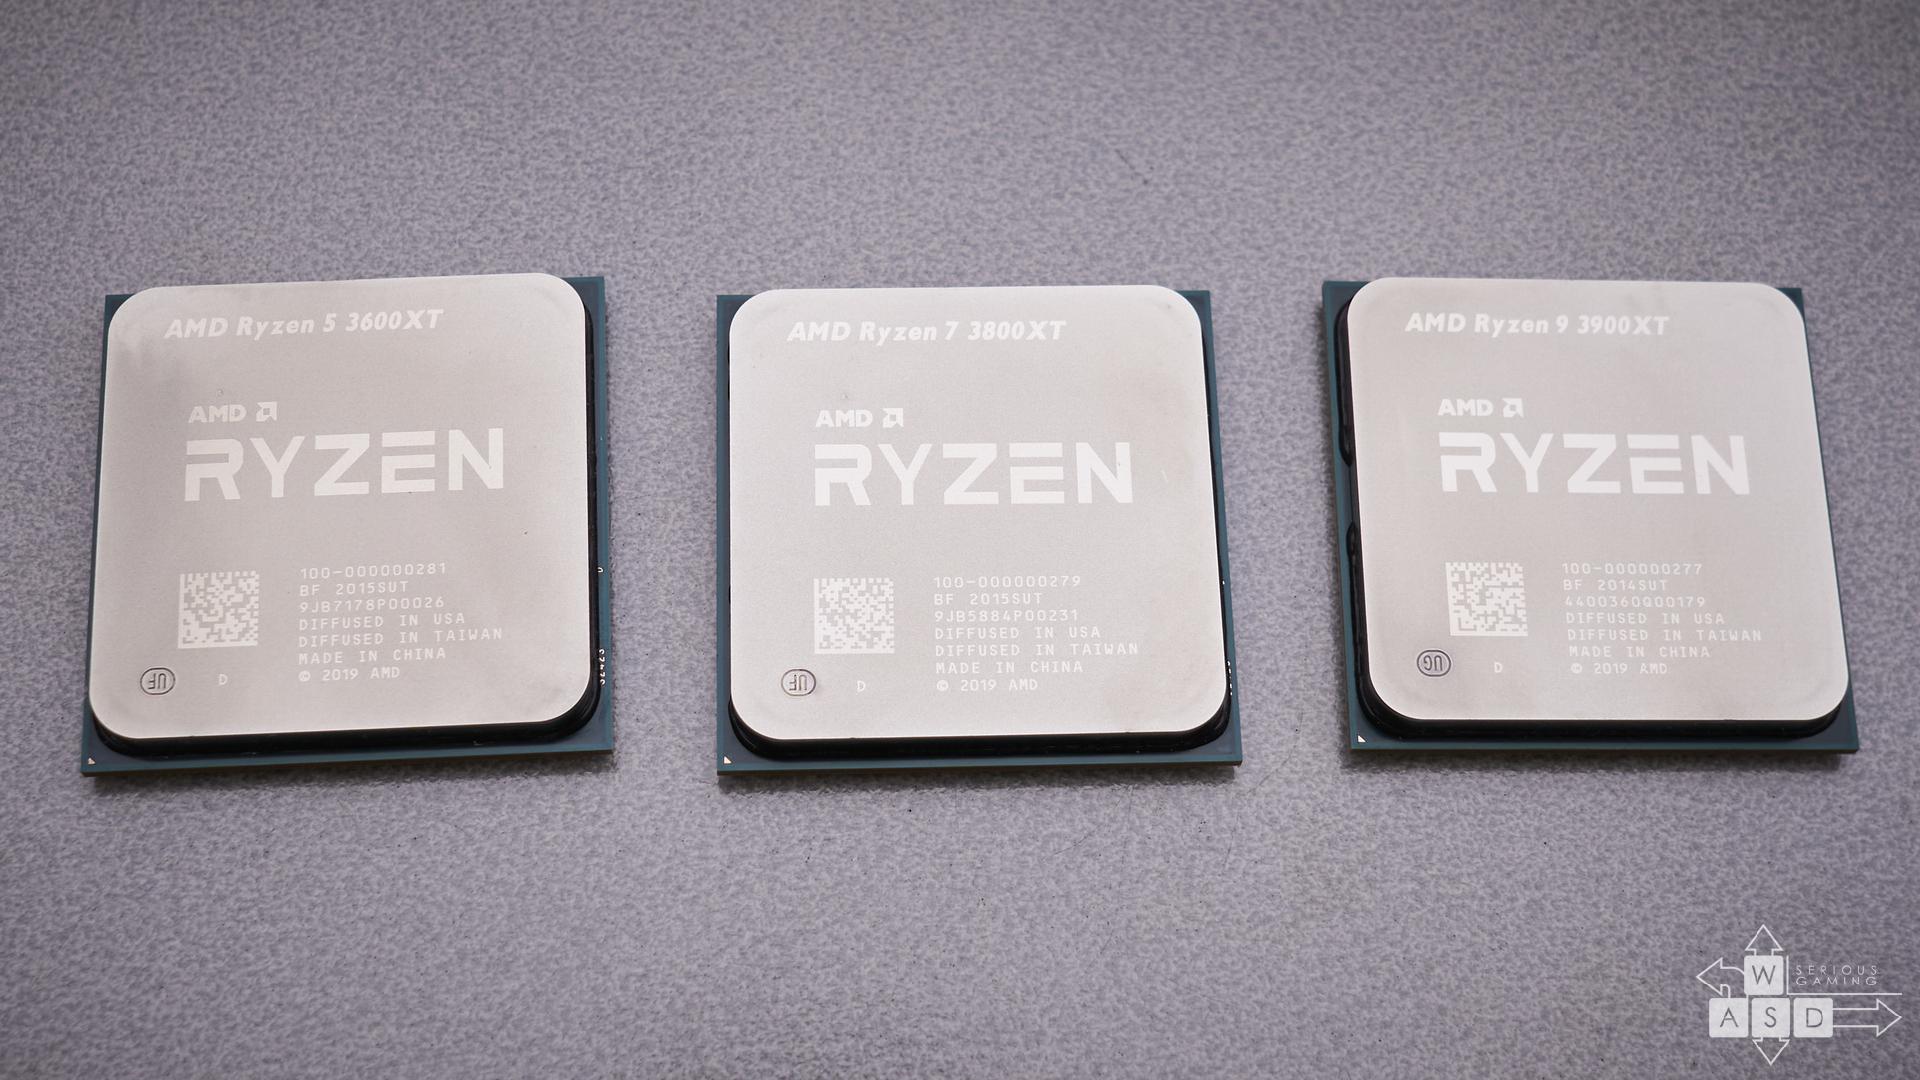 AMD Ryzen 5 3600XT, Ryzen 7 3800XT & Ryzen 9 3900XT | WASD